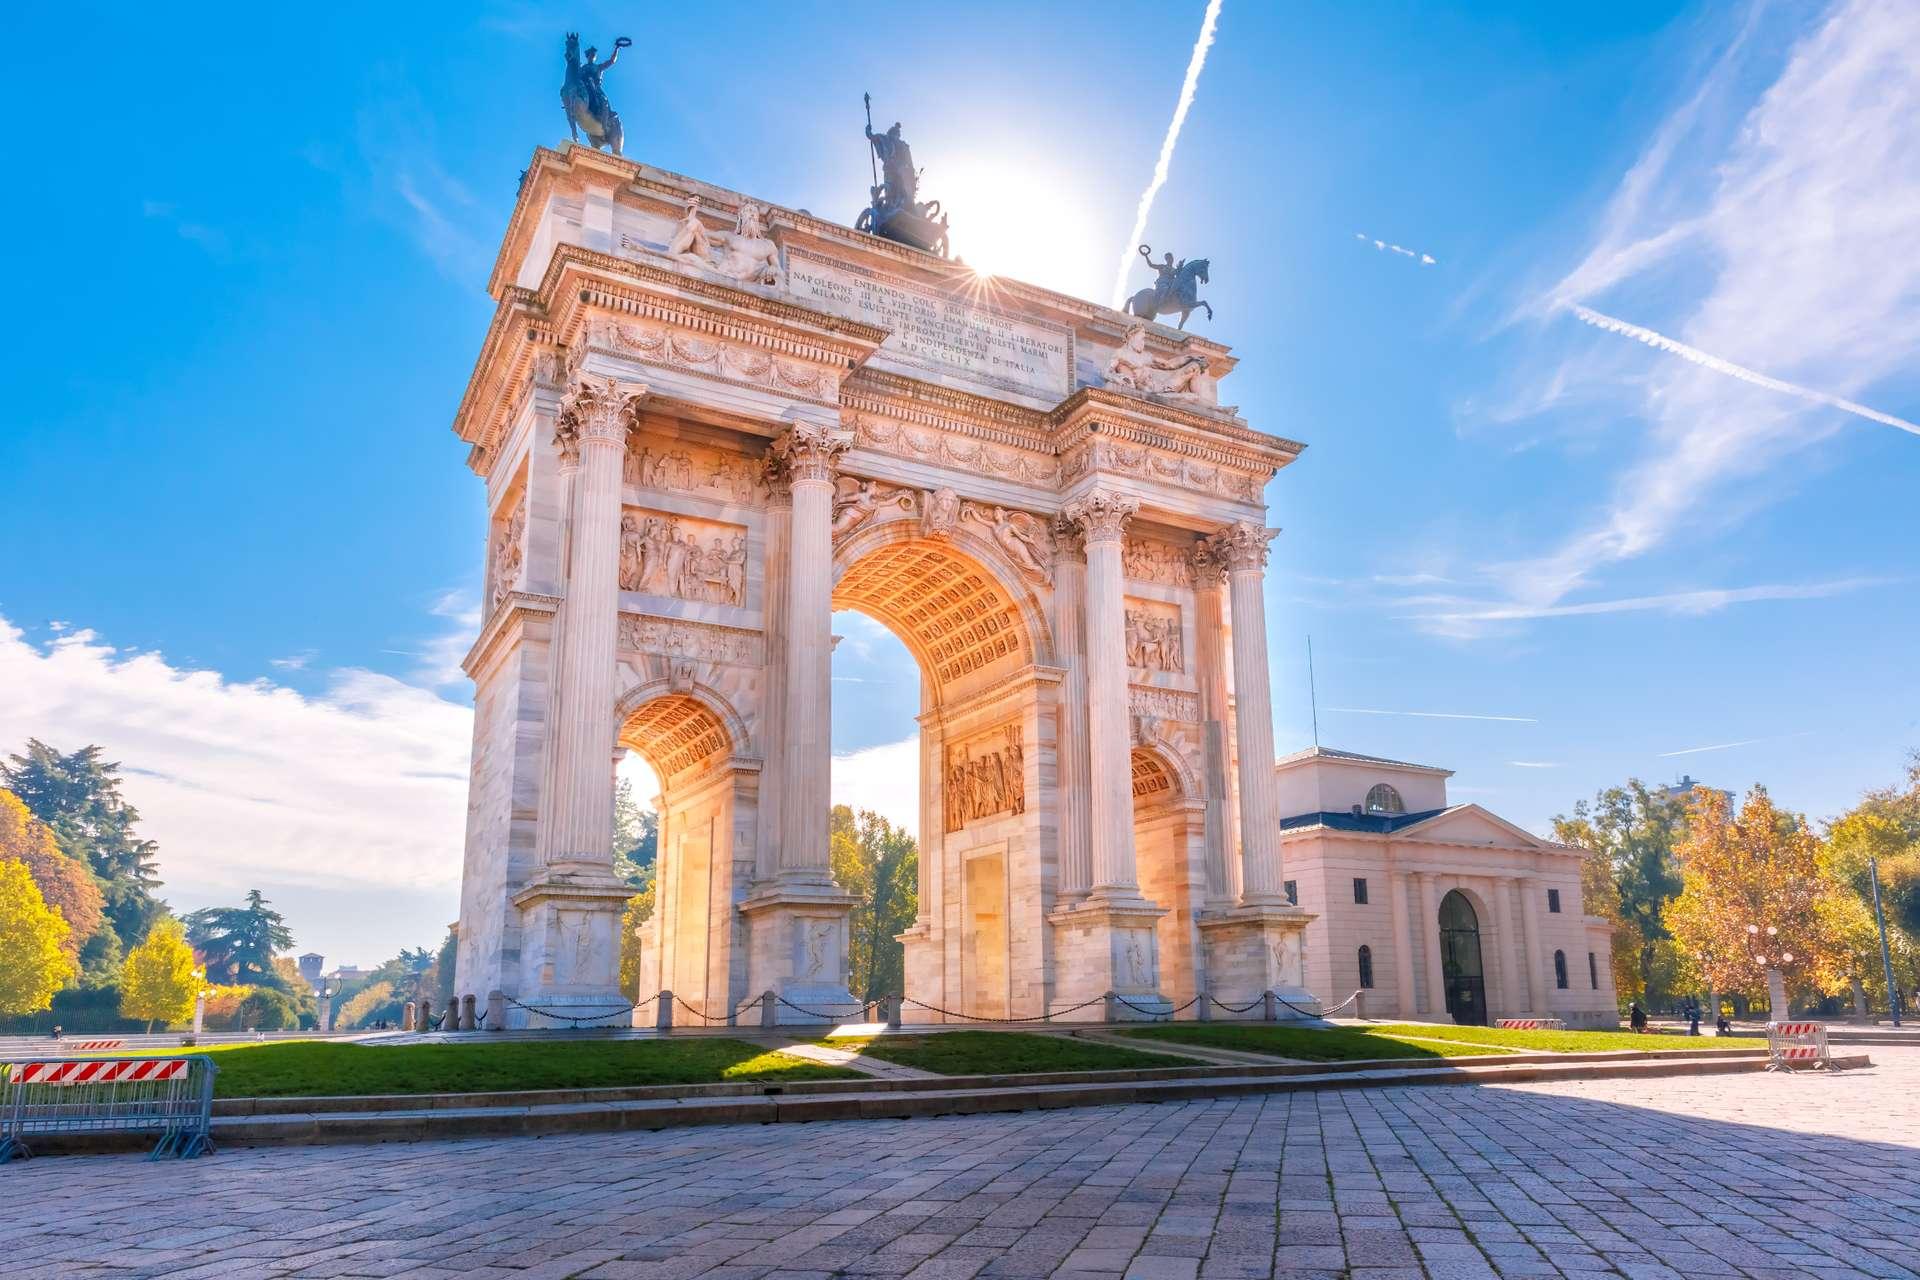 Italie Milaan Arco Della Pace